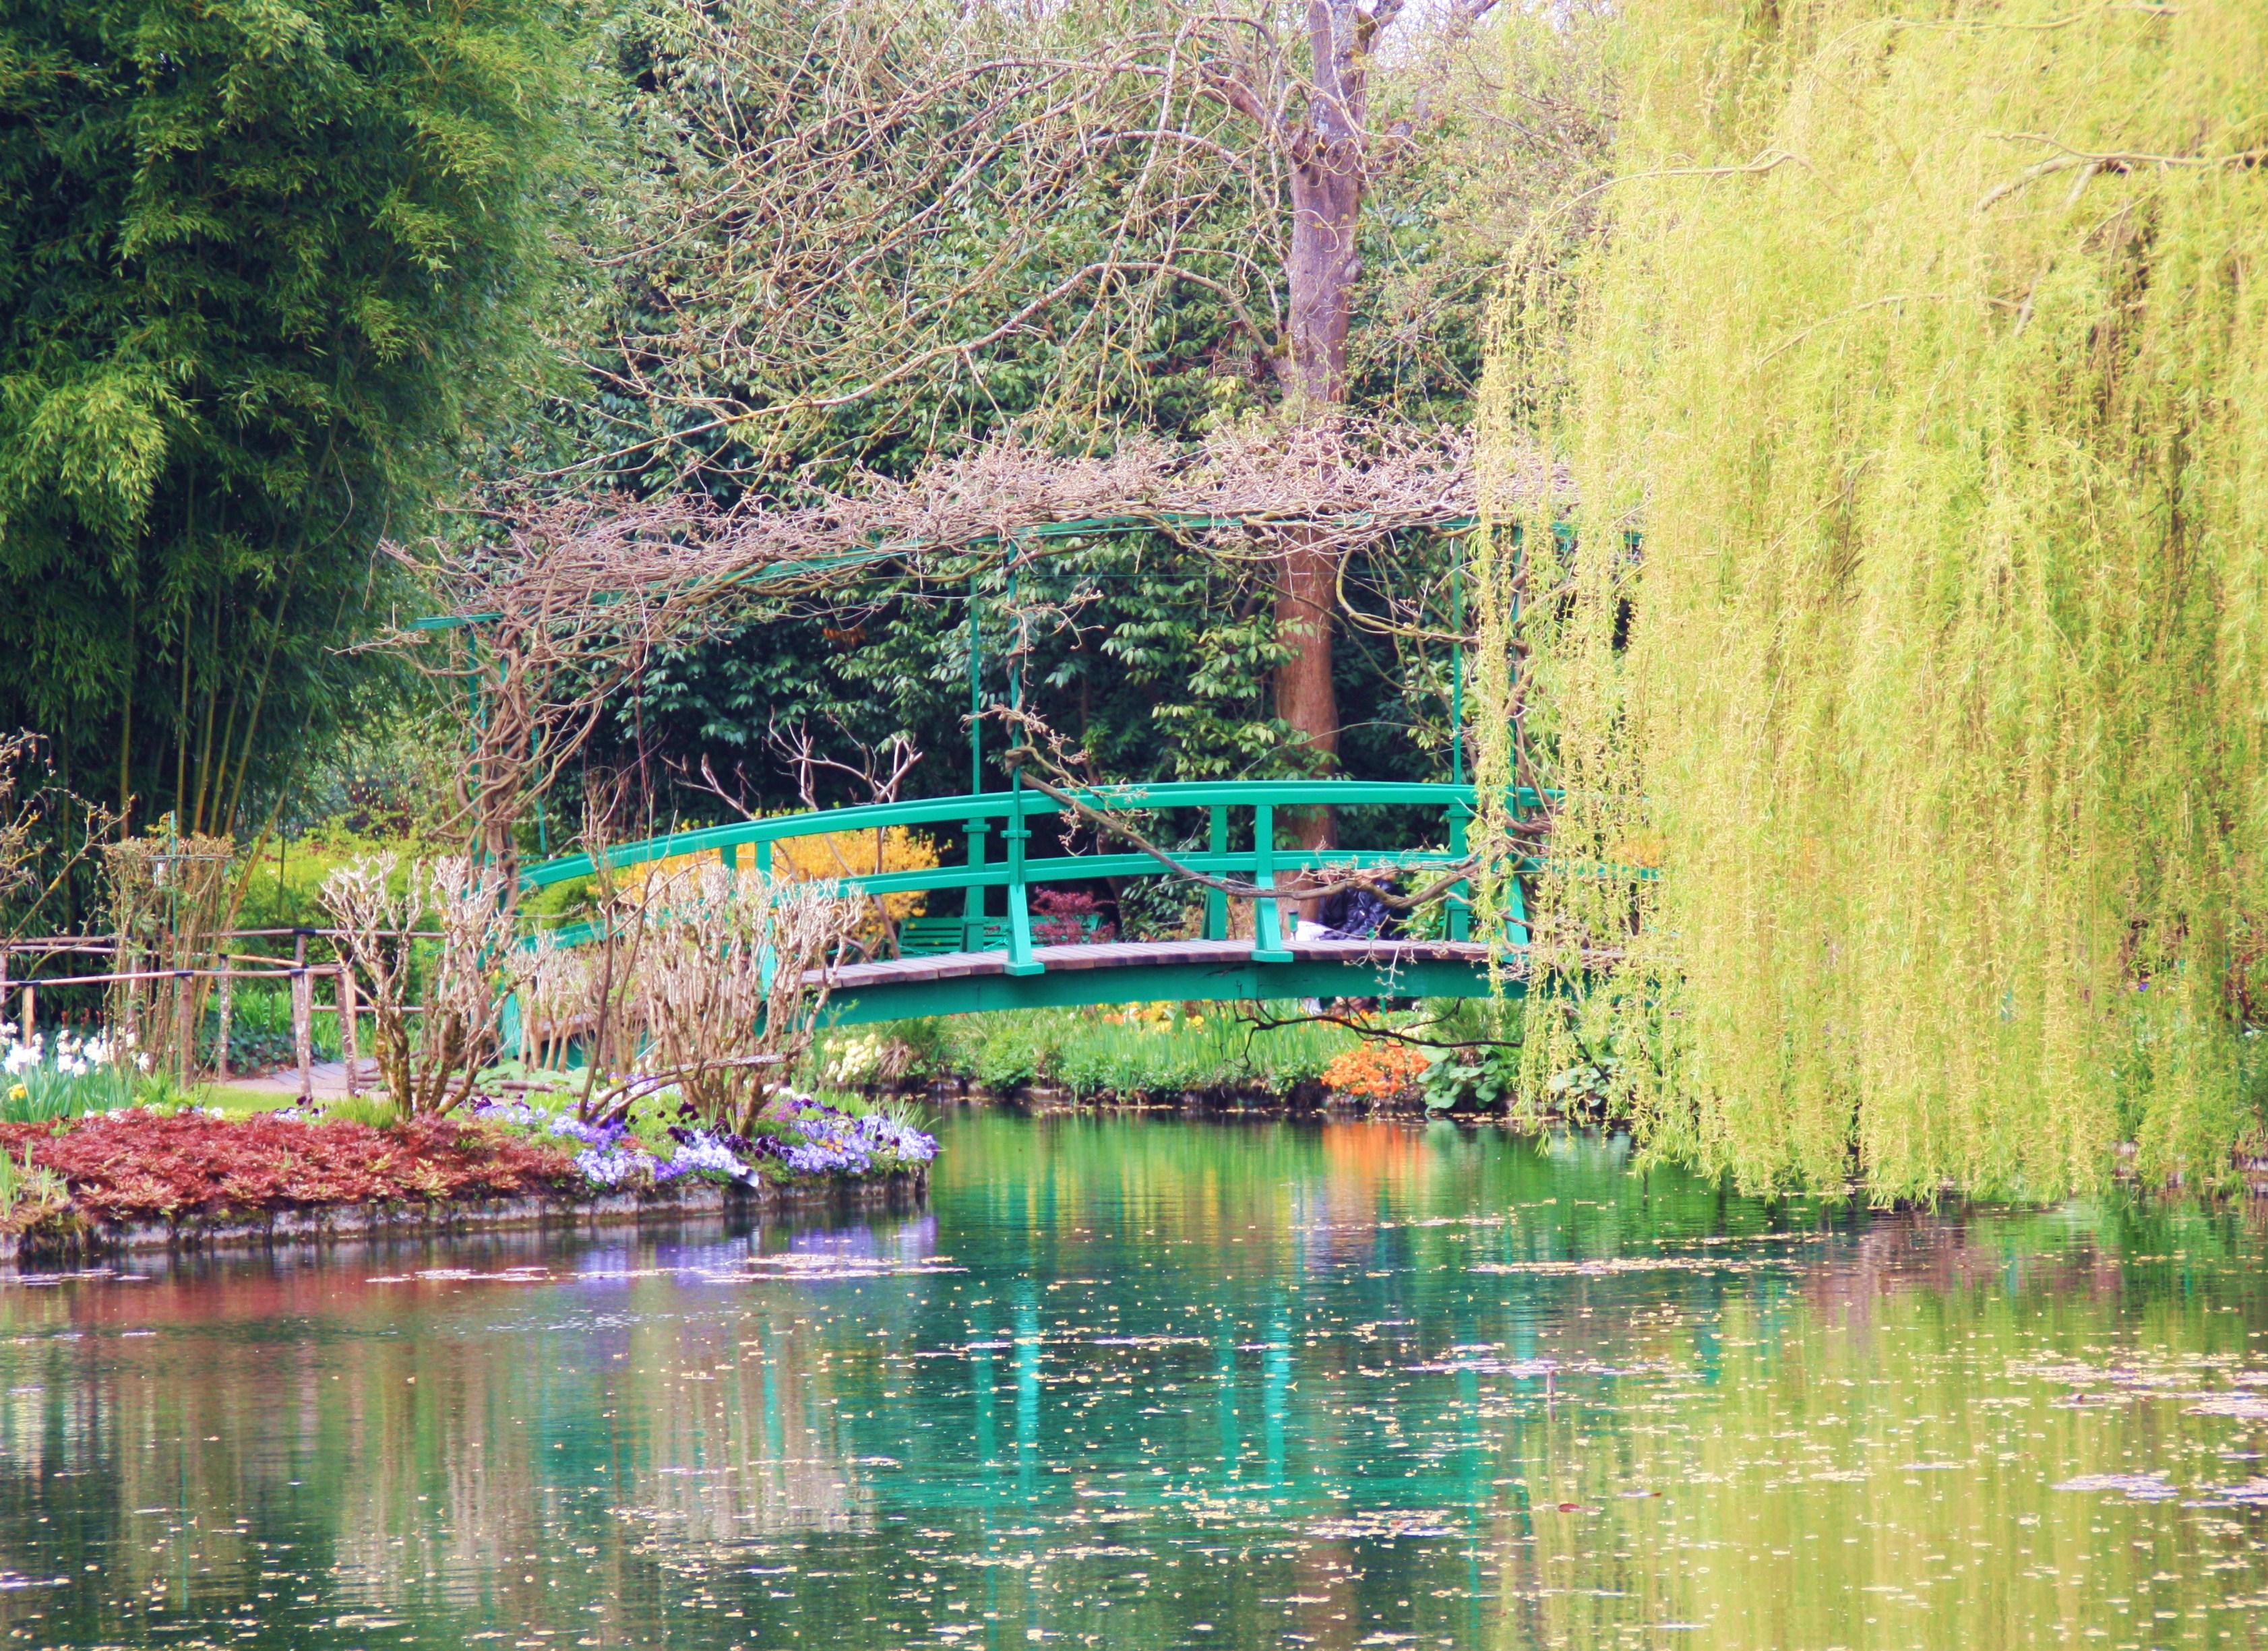 Jardim florido e lago na cidade de Giverny, na França